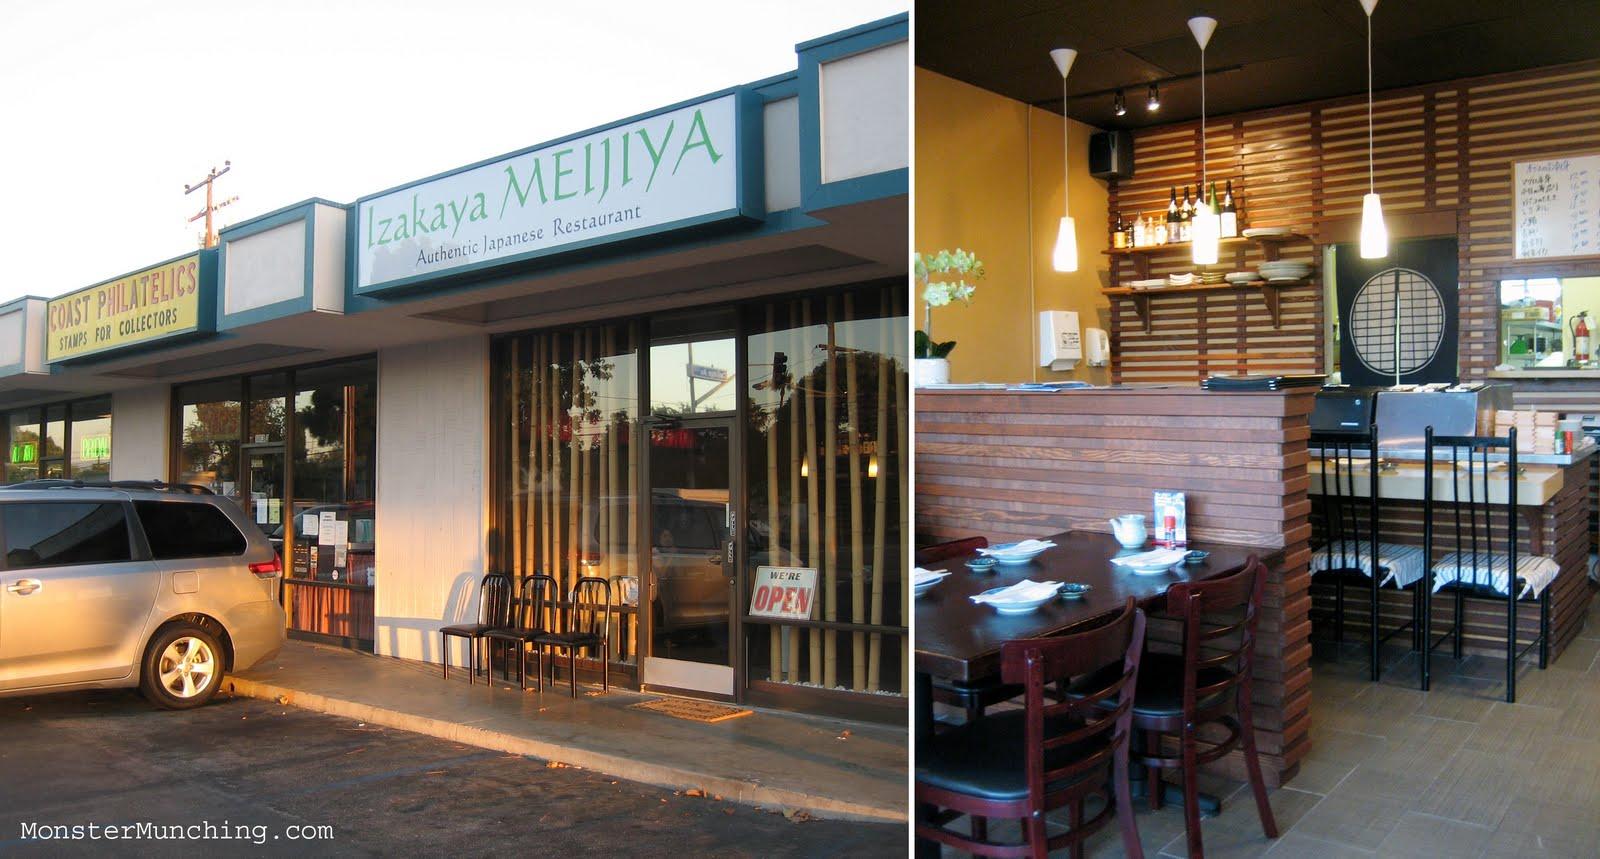 Monster Munching: Izakaya Meijiya - Costa Mesa